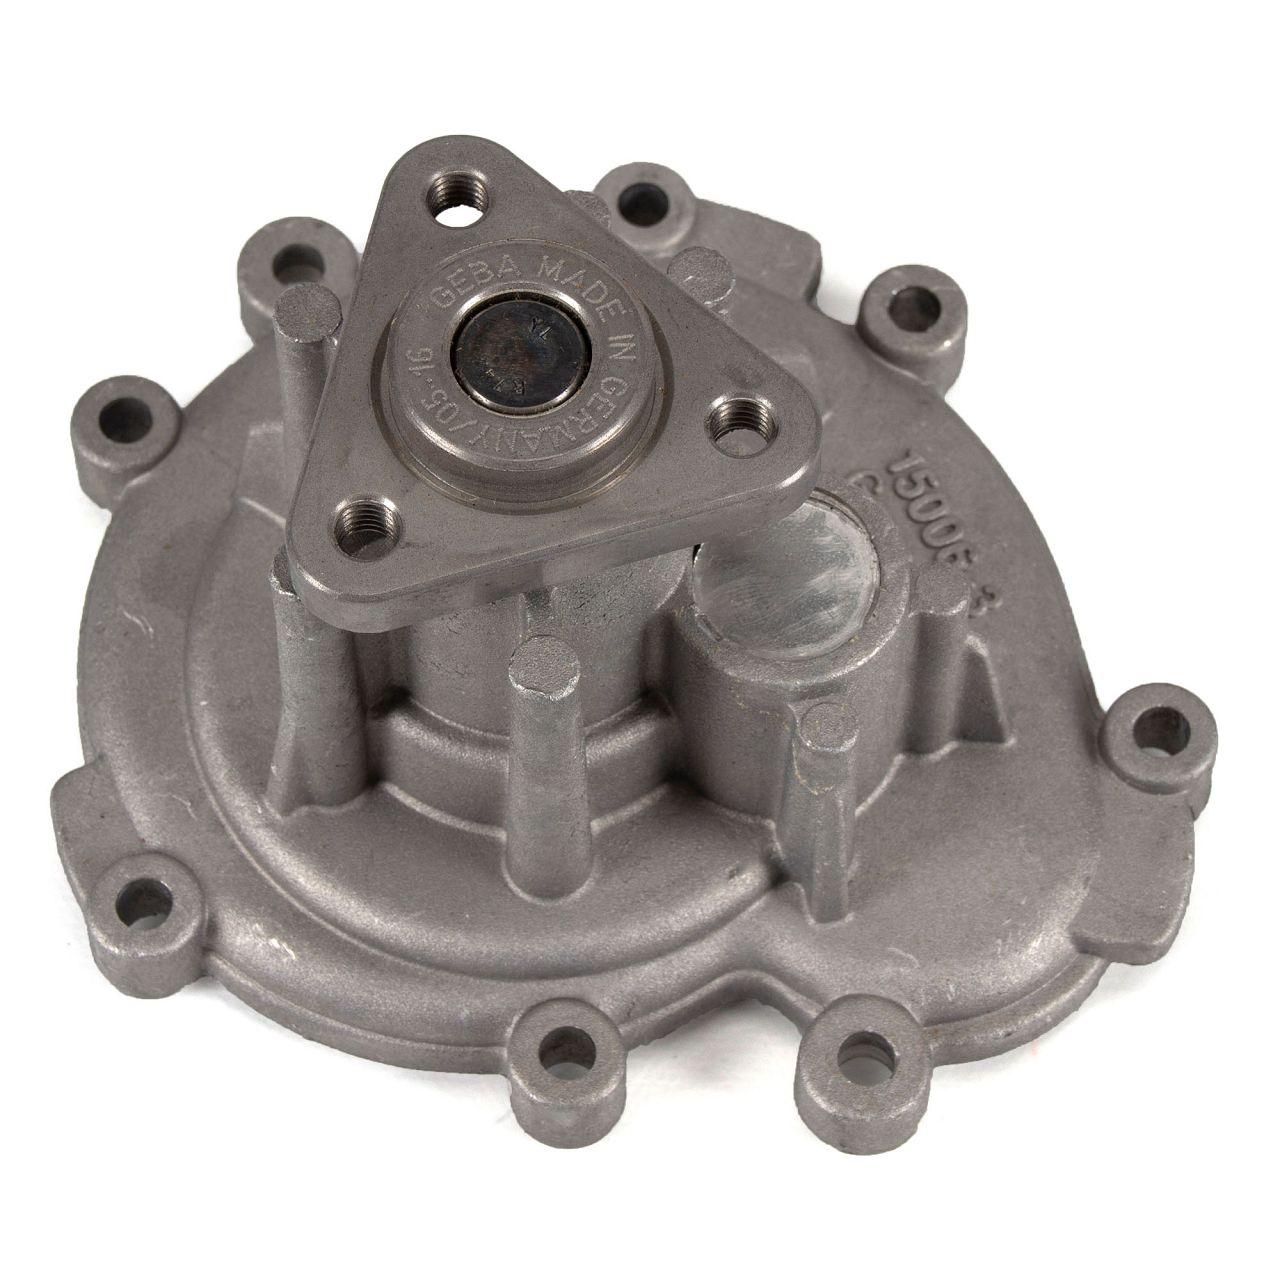 GEBA 15006 Wasserpumpe für PORSCHE CAYENNE (9PA) S 4.5 / Turbo 4.5 / Turbo S 4.5